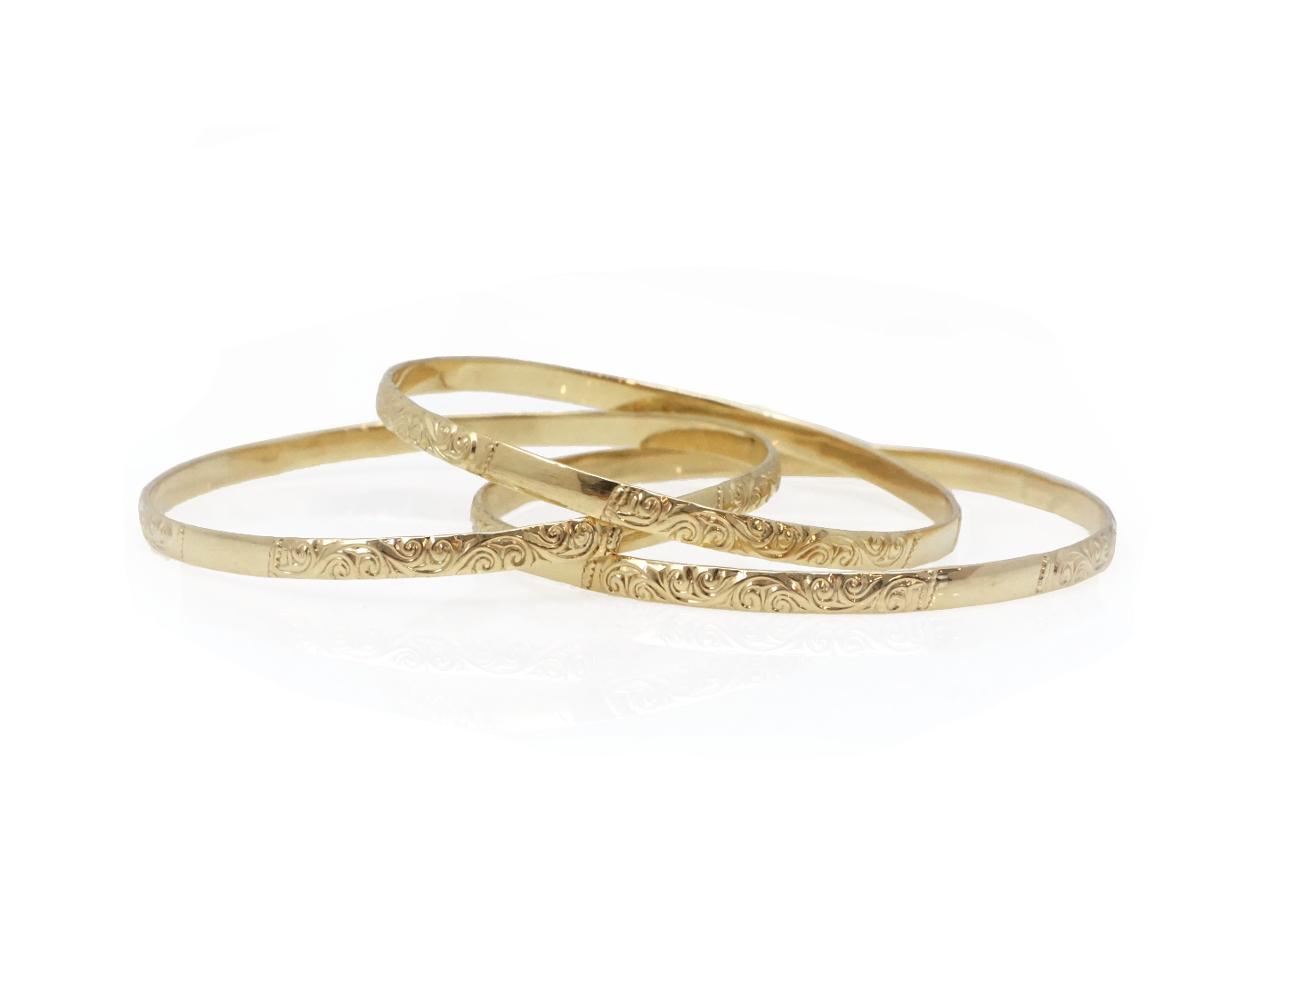 צמיד מרוקאי מעוטר  לאישה צמיד זהב מרוקאי